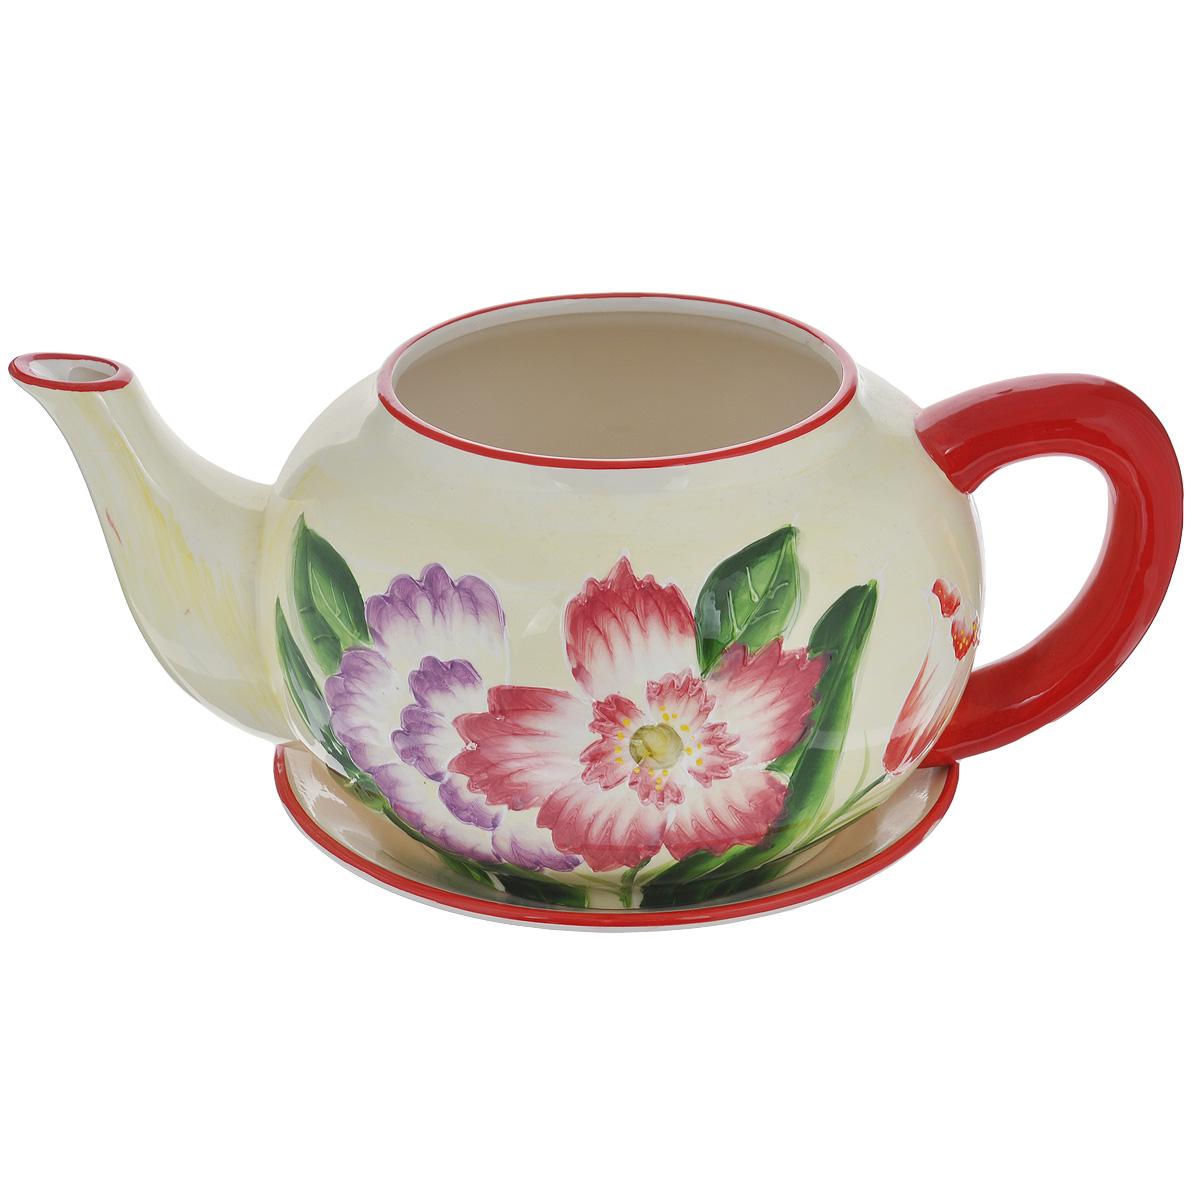 Кашпо Lillo Яркие цветы, с поддоном. XY10S012CBH-SI0439-WWКашпо-горшок для цветов Lillo Яркие цветы выполнен из прочной керамики в виде заварочного чайника с блюдцем. Изделие предназначено для цветов.Такие изделия часто становятся последним штрихом, который совершенно изменяет интерьер помещения или ландшафтный дизайн сада. Благодаря такому кашпо вы сможете украсить вашу комнату, офис, сад и другие места. Изделие оснащено специальным поддоном - блюдцем.Диаметр кашпо по верхнему краю: 14,5 см.Высота кашпо (без учета поддона): 16 см.Диаметр поддона: 23 см.